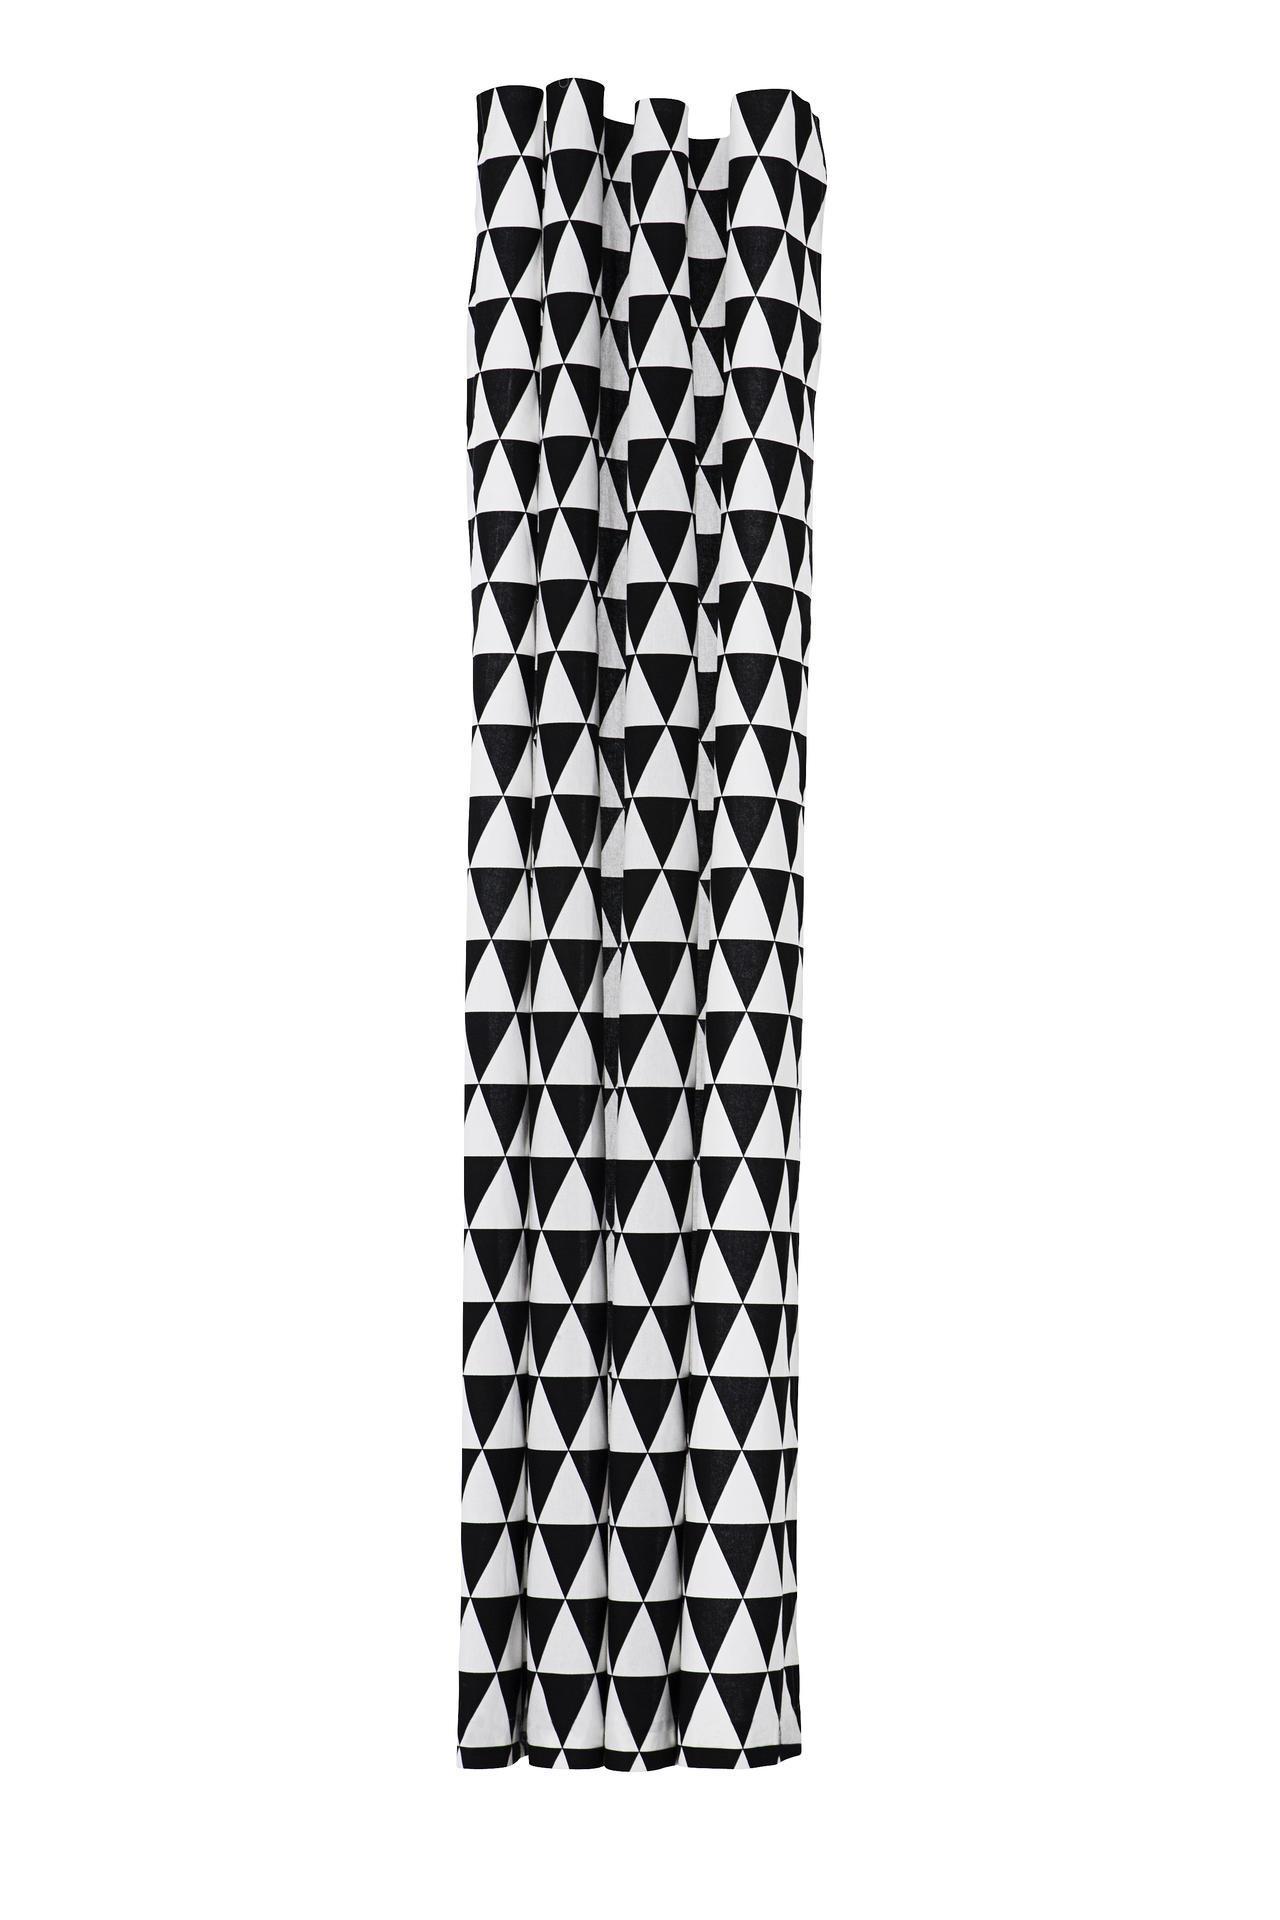 ferm LIVING Koupelnový závěs Triangle 160x200, černá barva, textil